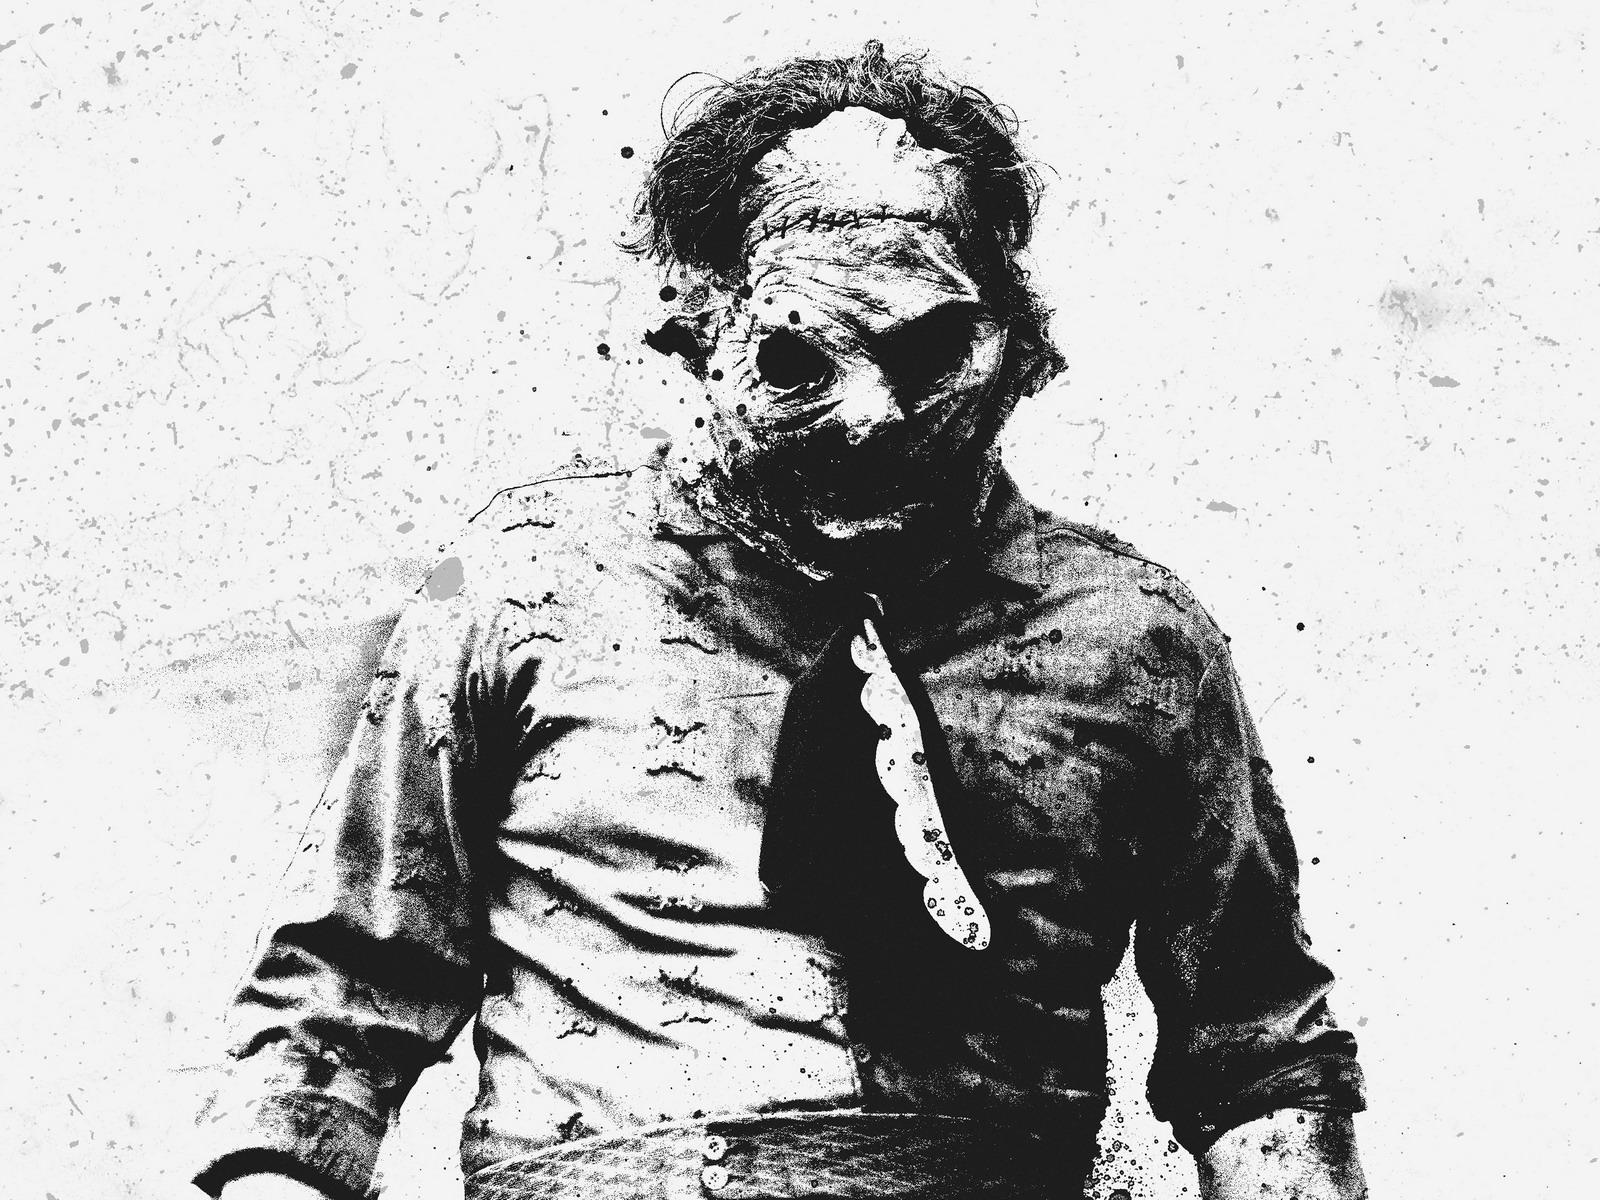 Как актёры из фильмов ужасов выглядят в реальной жизни 18